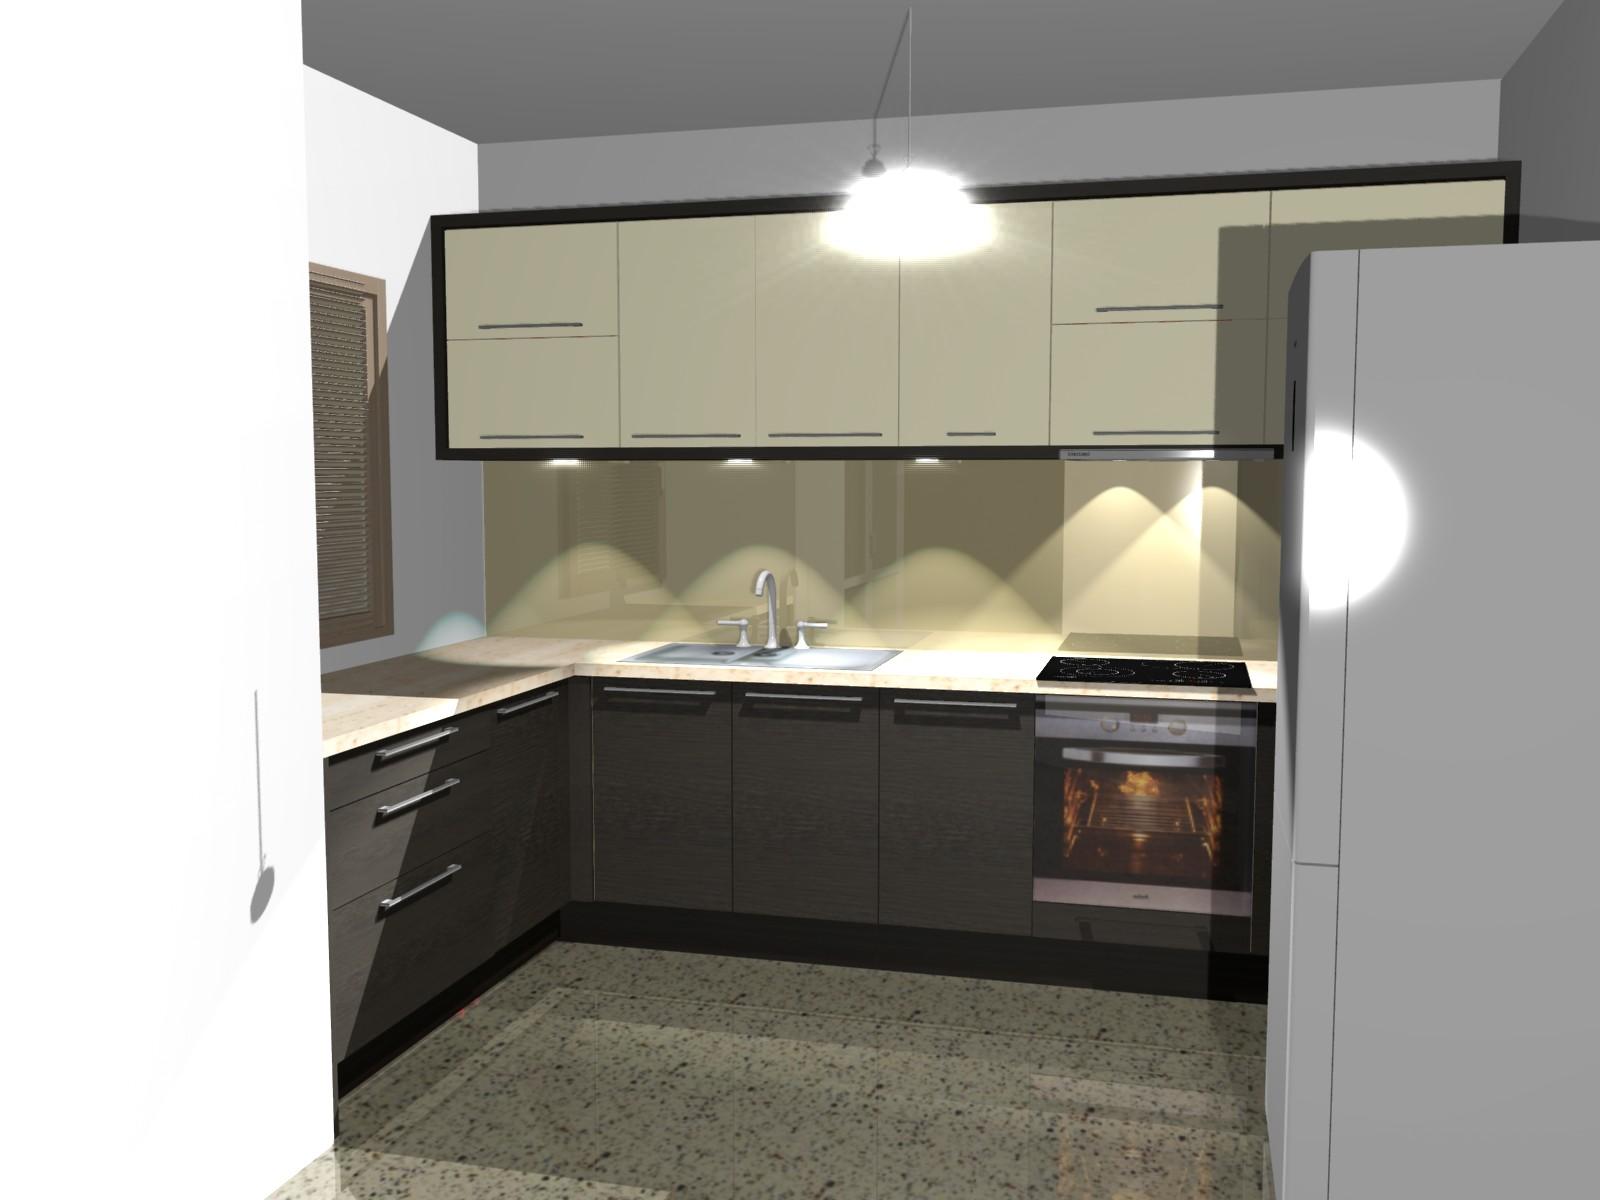 Projekty Kuchni W Bloku